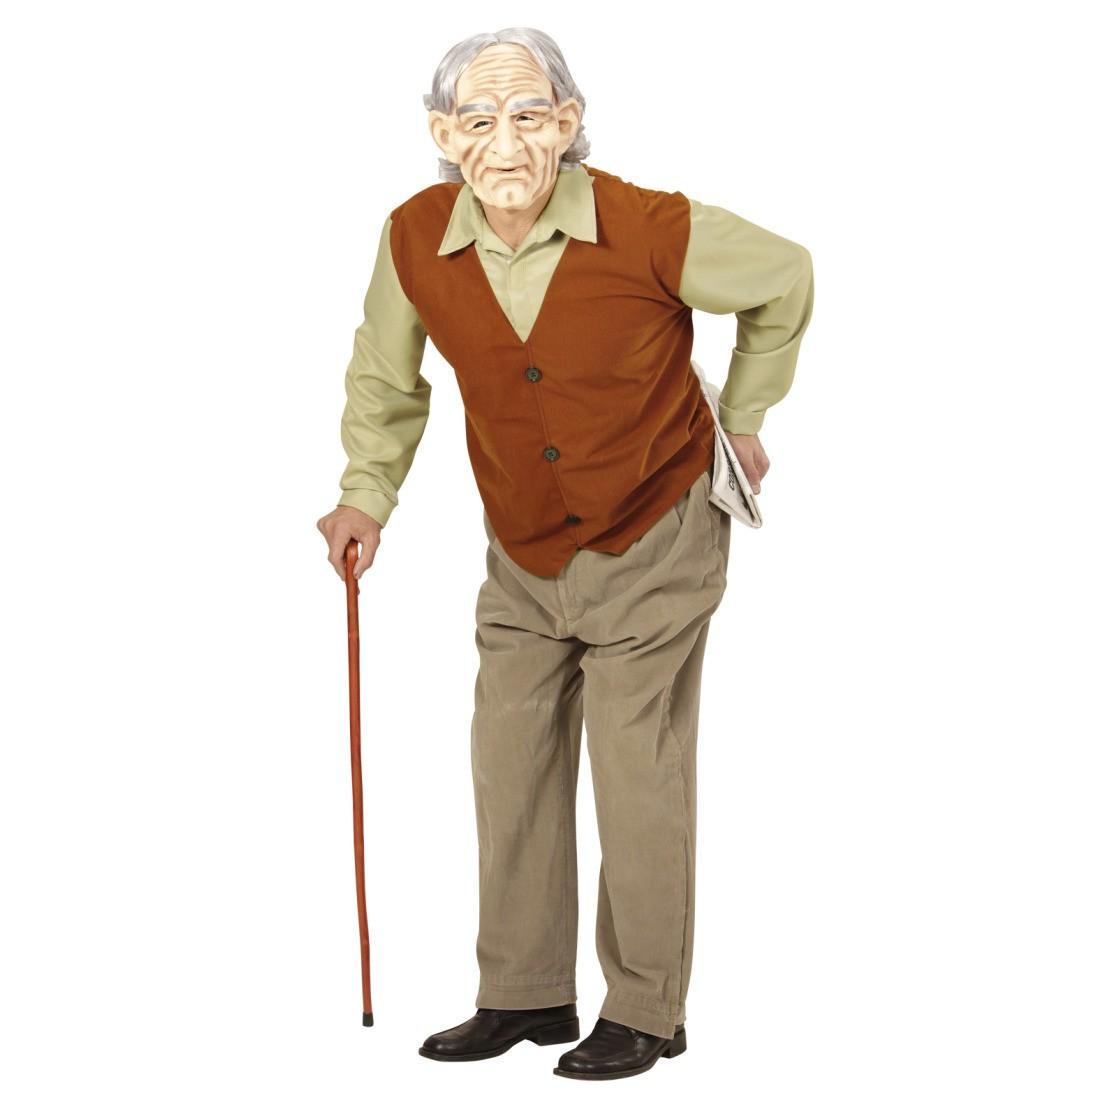 50 jahre alter mann aus anforderungen